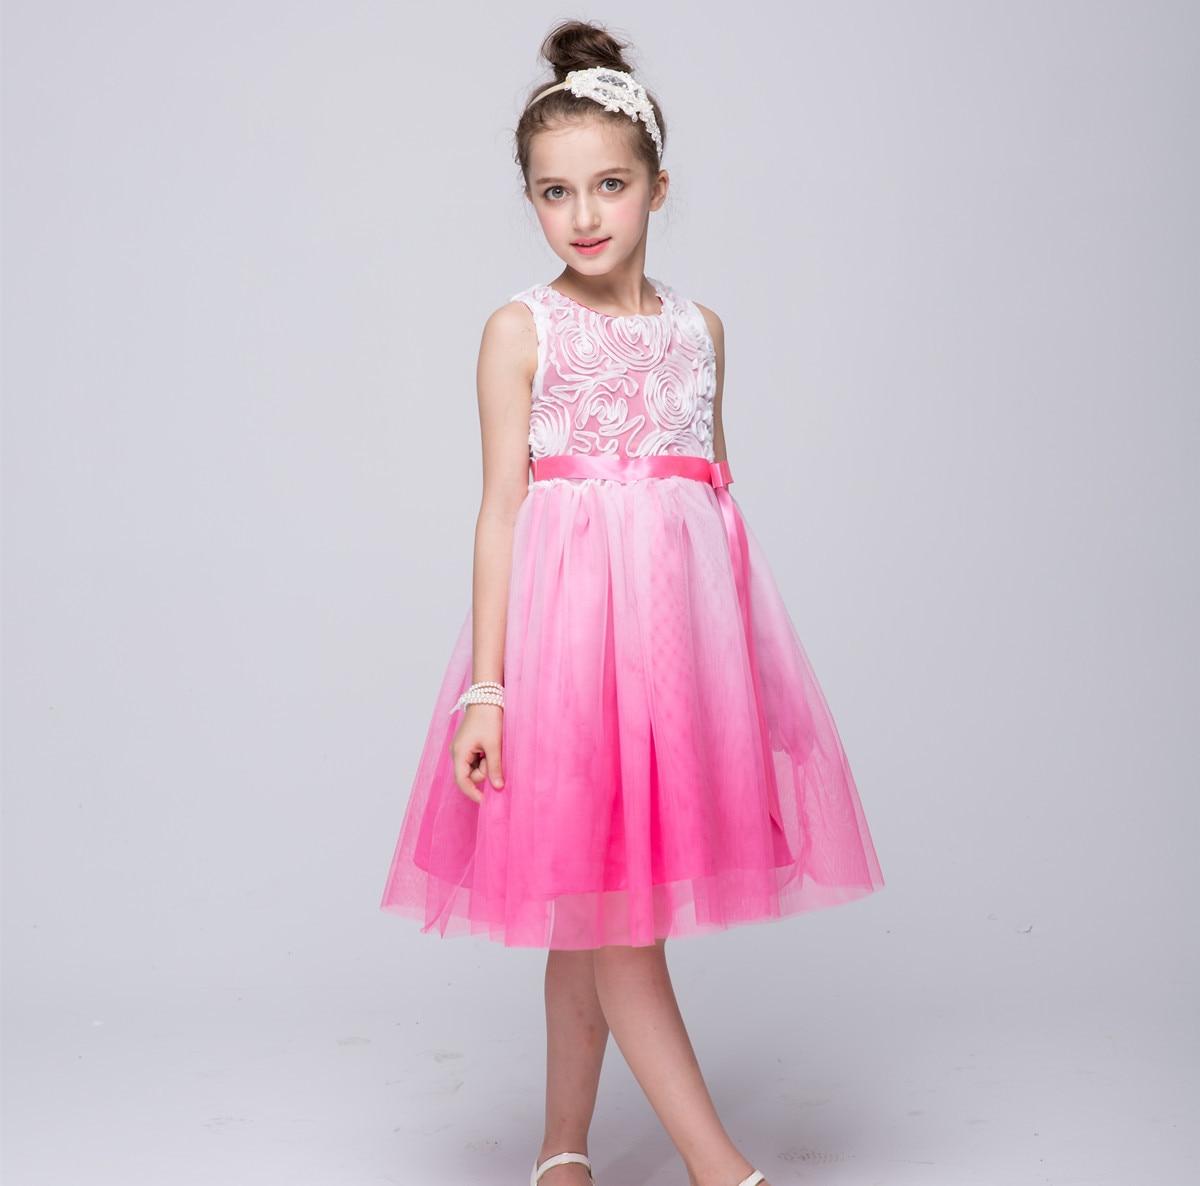 0731d9d9b8 Dziewczyna sukienka na imprezę 2 3 4 5 6 7 8 9 10 11 lat dzieci ubrania  letnie dziewczyny kostium sukienka dla księżniczki bez rękawków szata fille